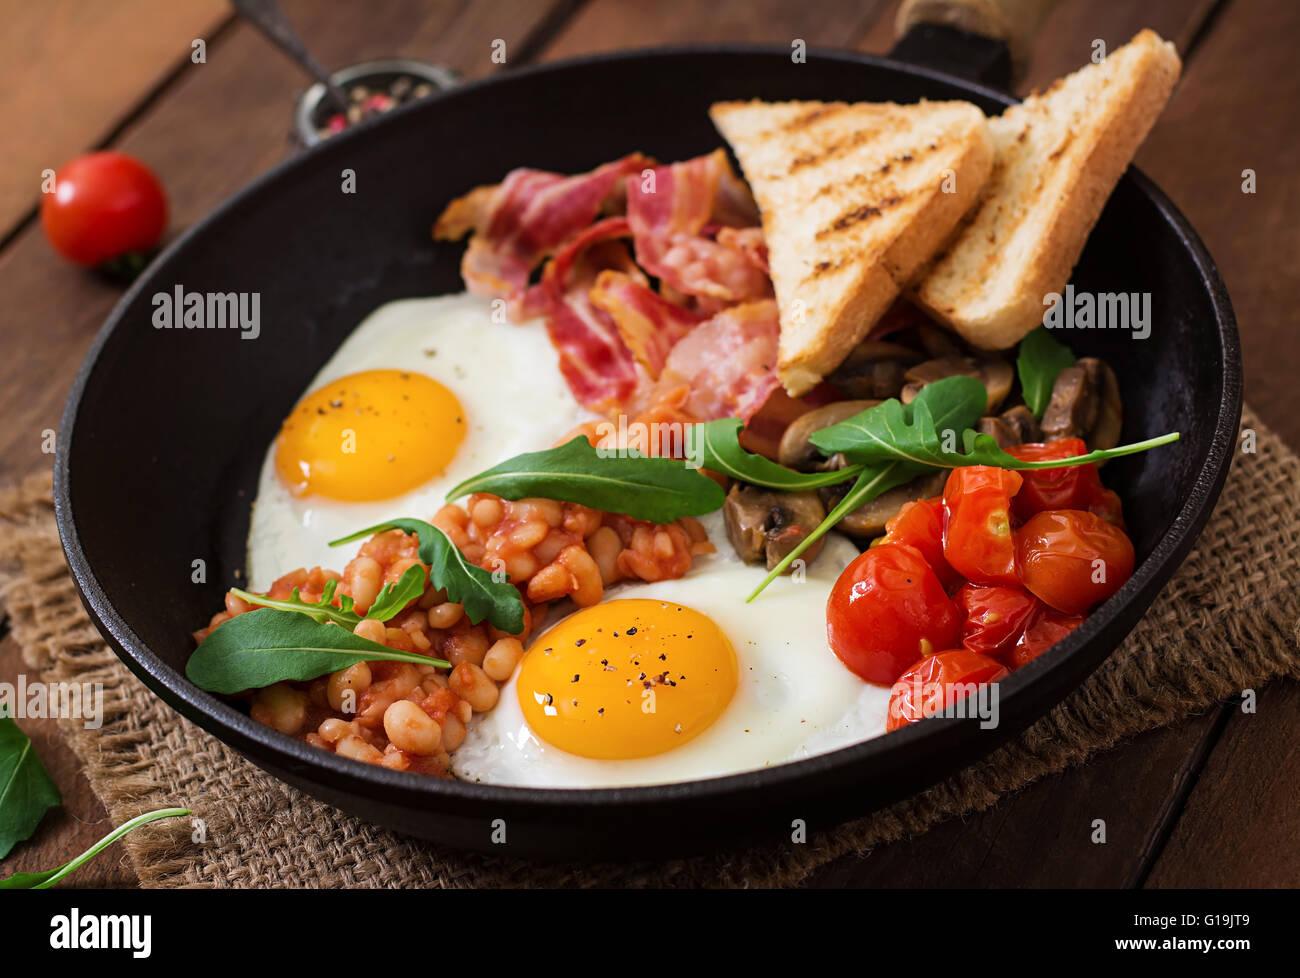 Prima colazione inglese - uovo fritto, fagioli, pomodori, funghi, bacon e toast Immagini Stock